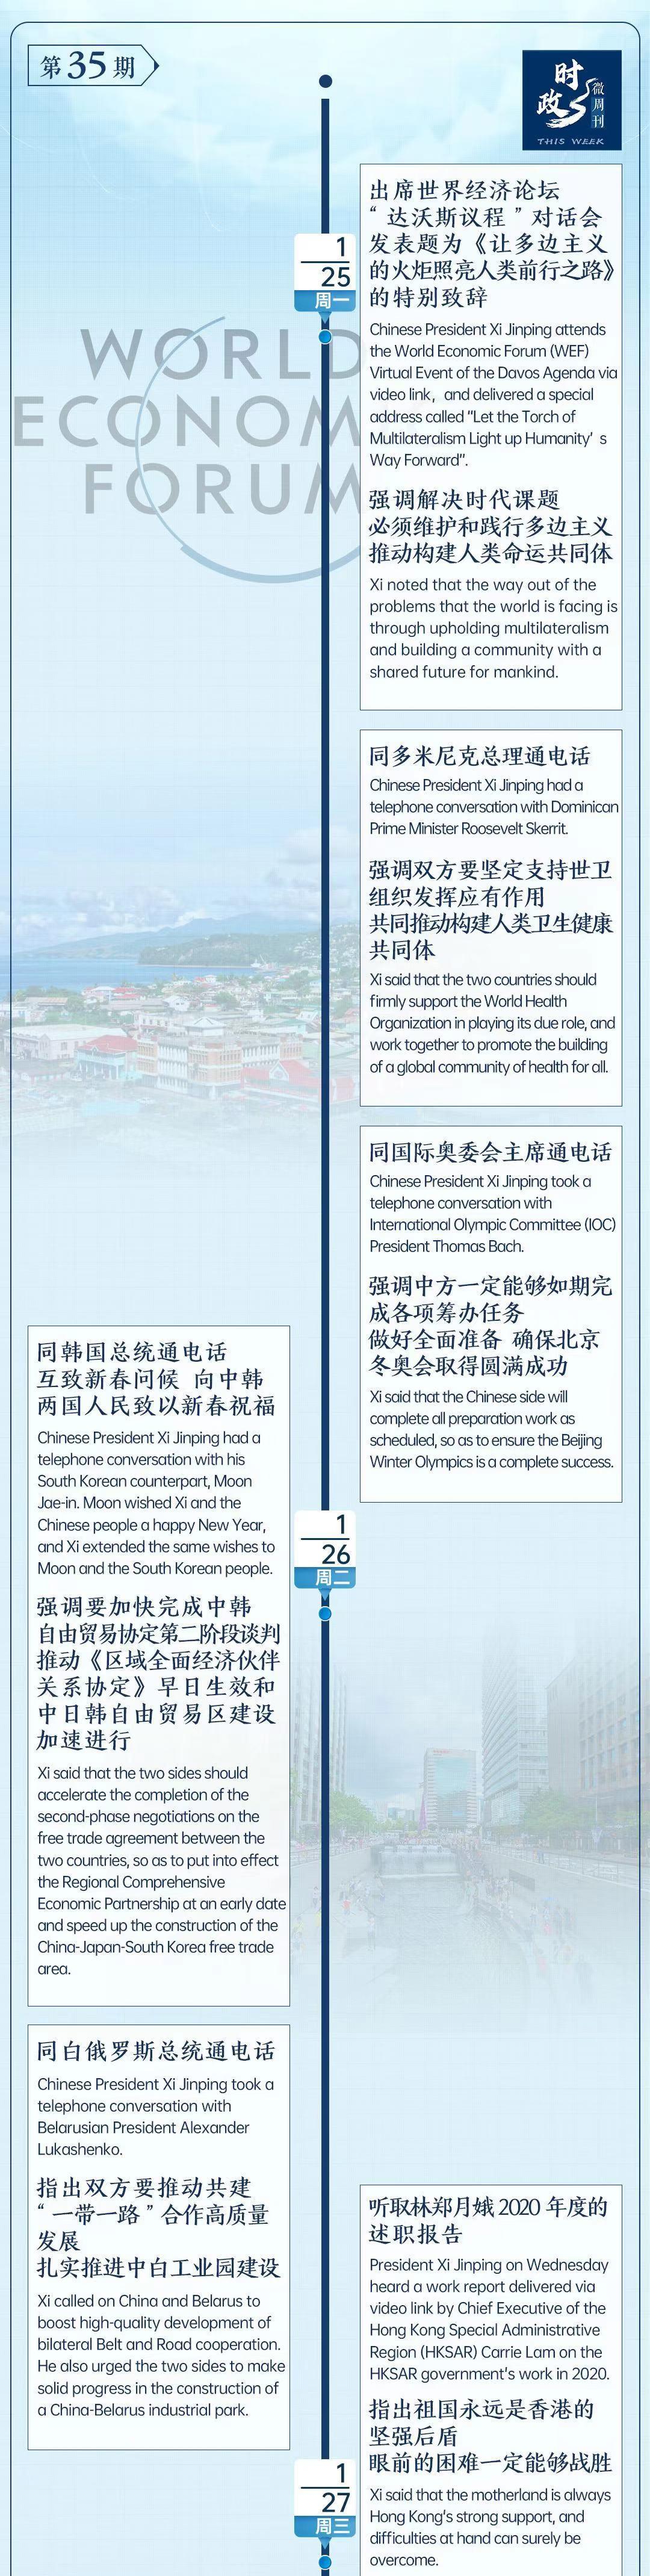 习近平的一周(1月25日—1月31日)图片